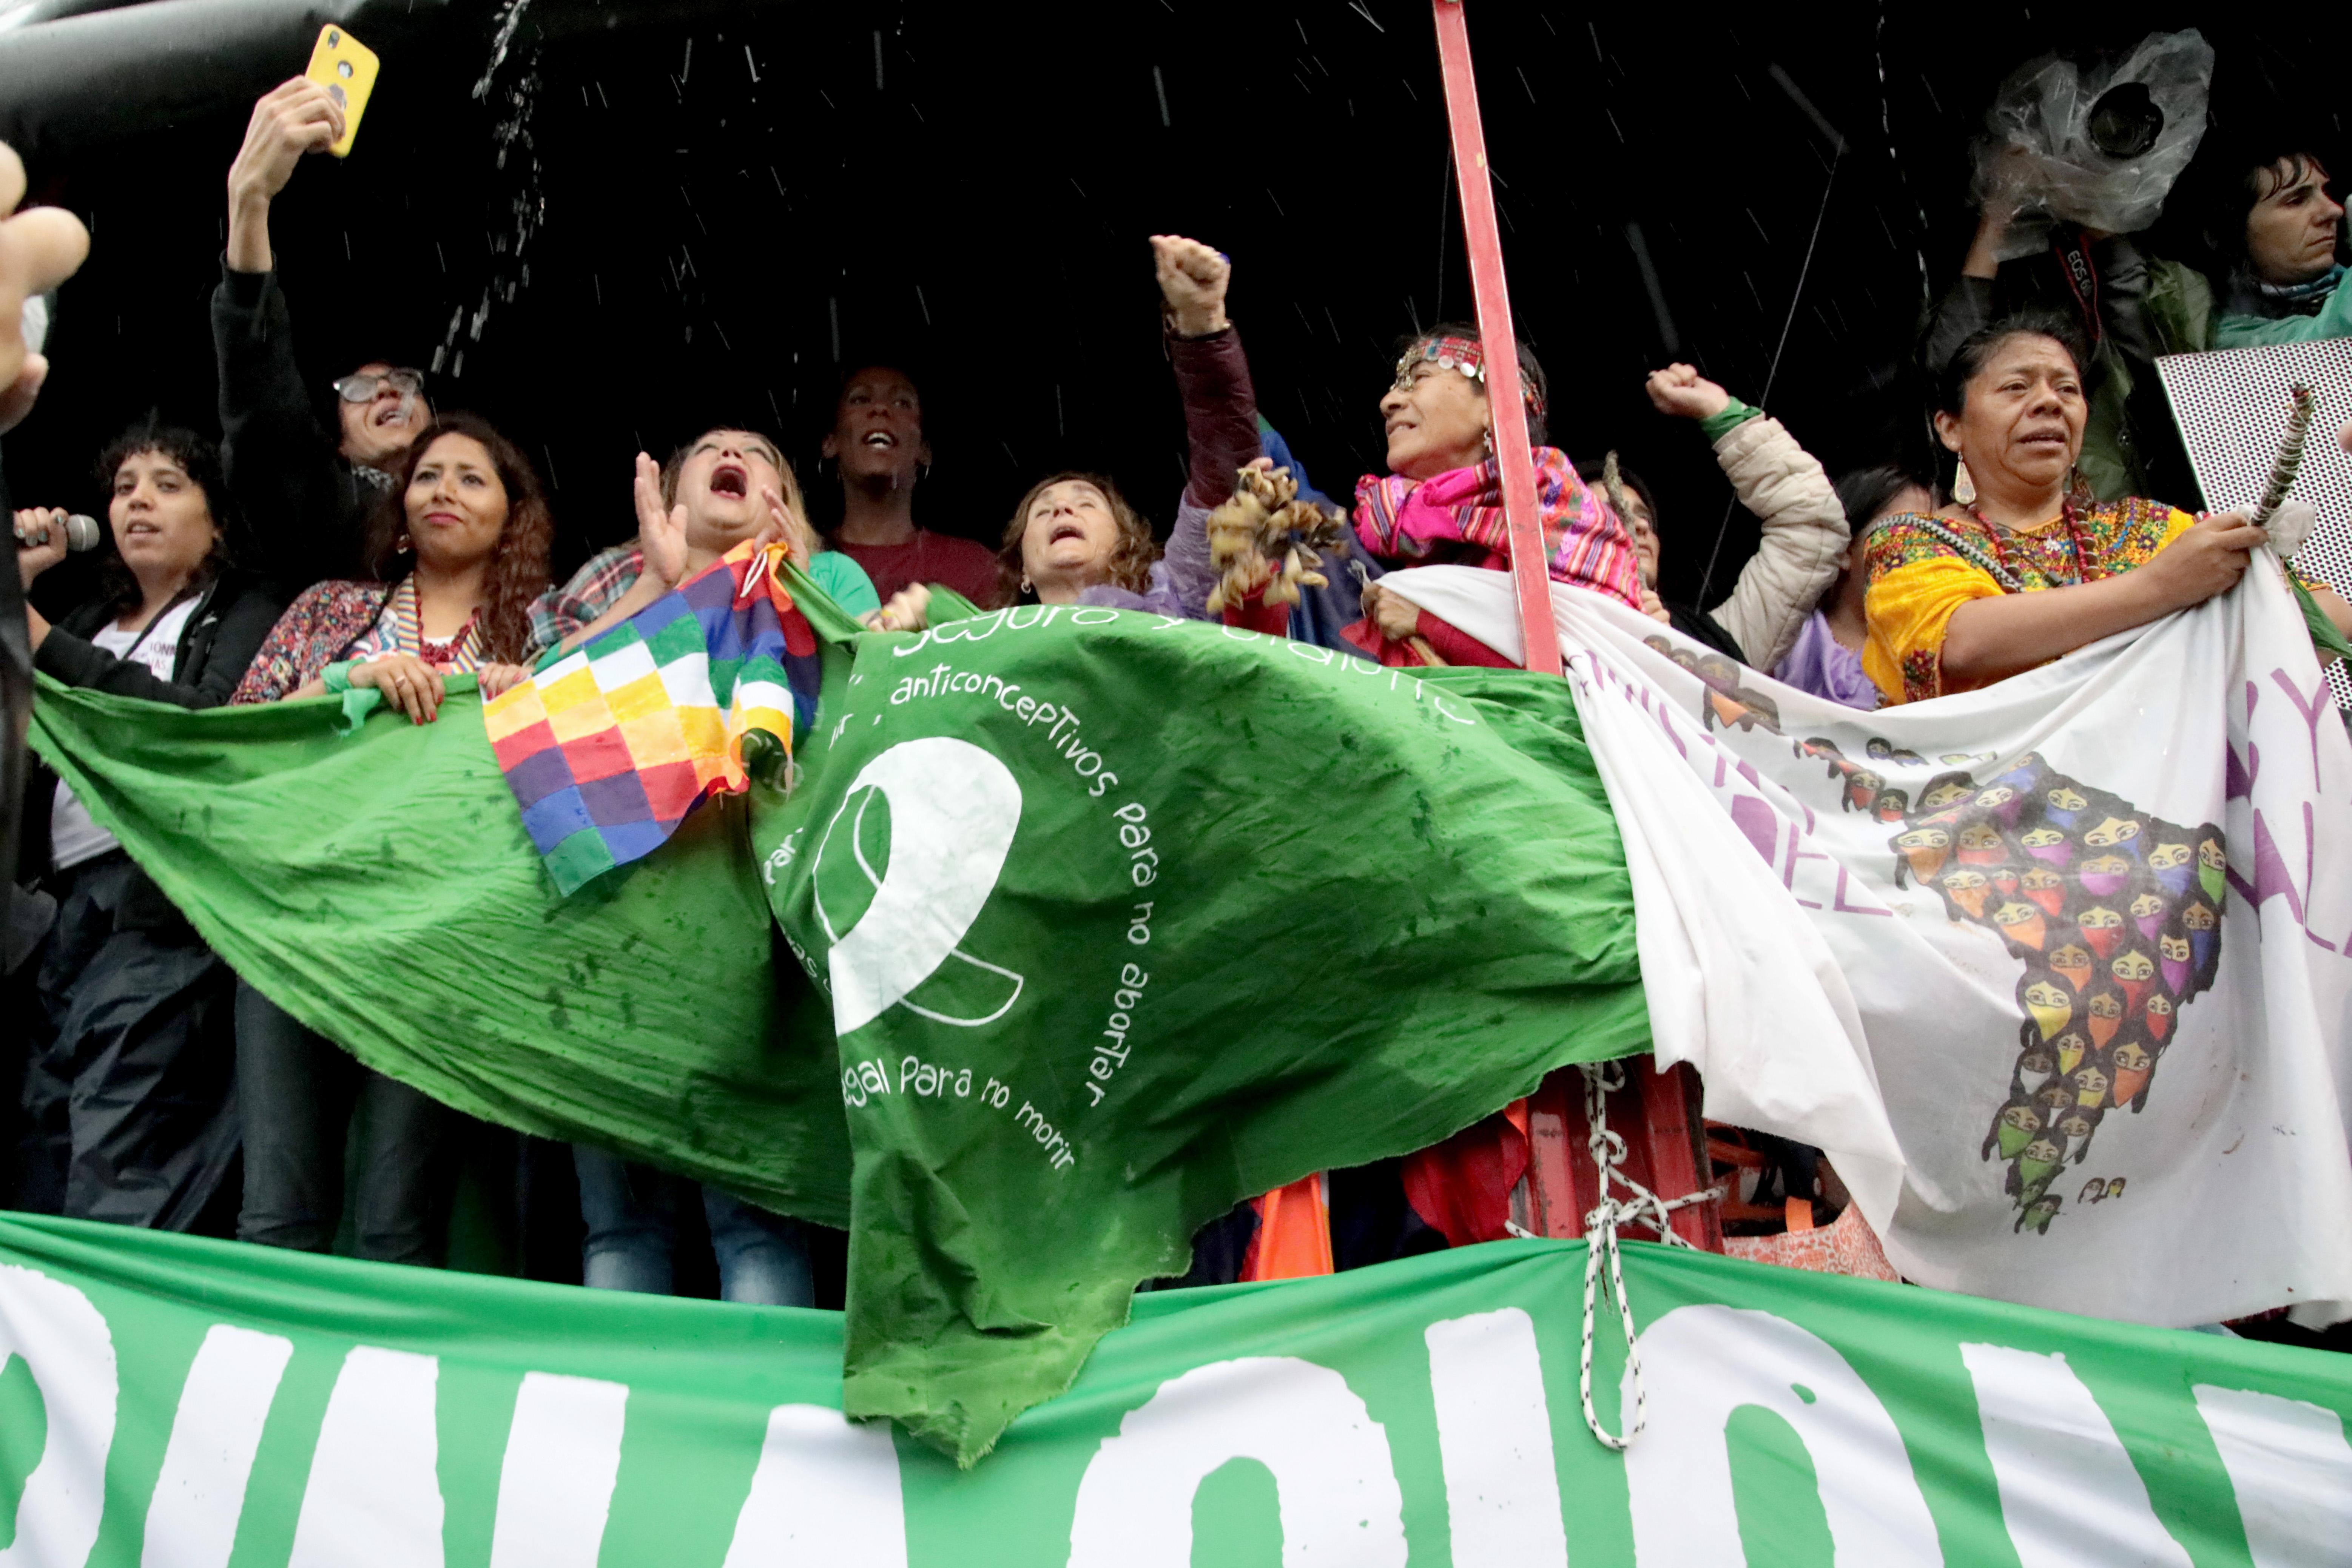 El pañuelo verde, emblema de la lucha para legalizar el aborto